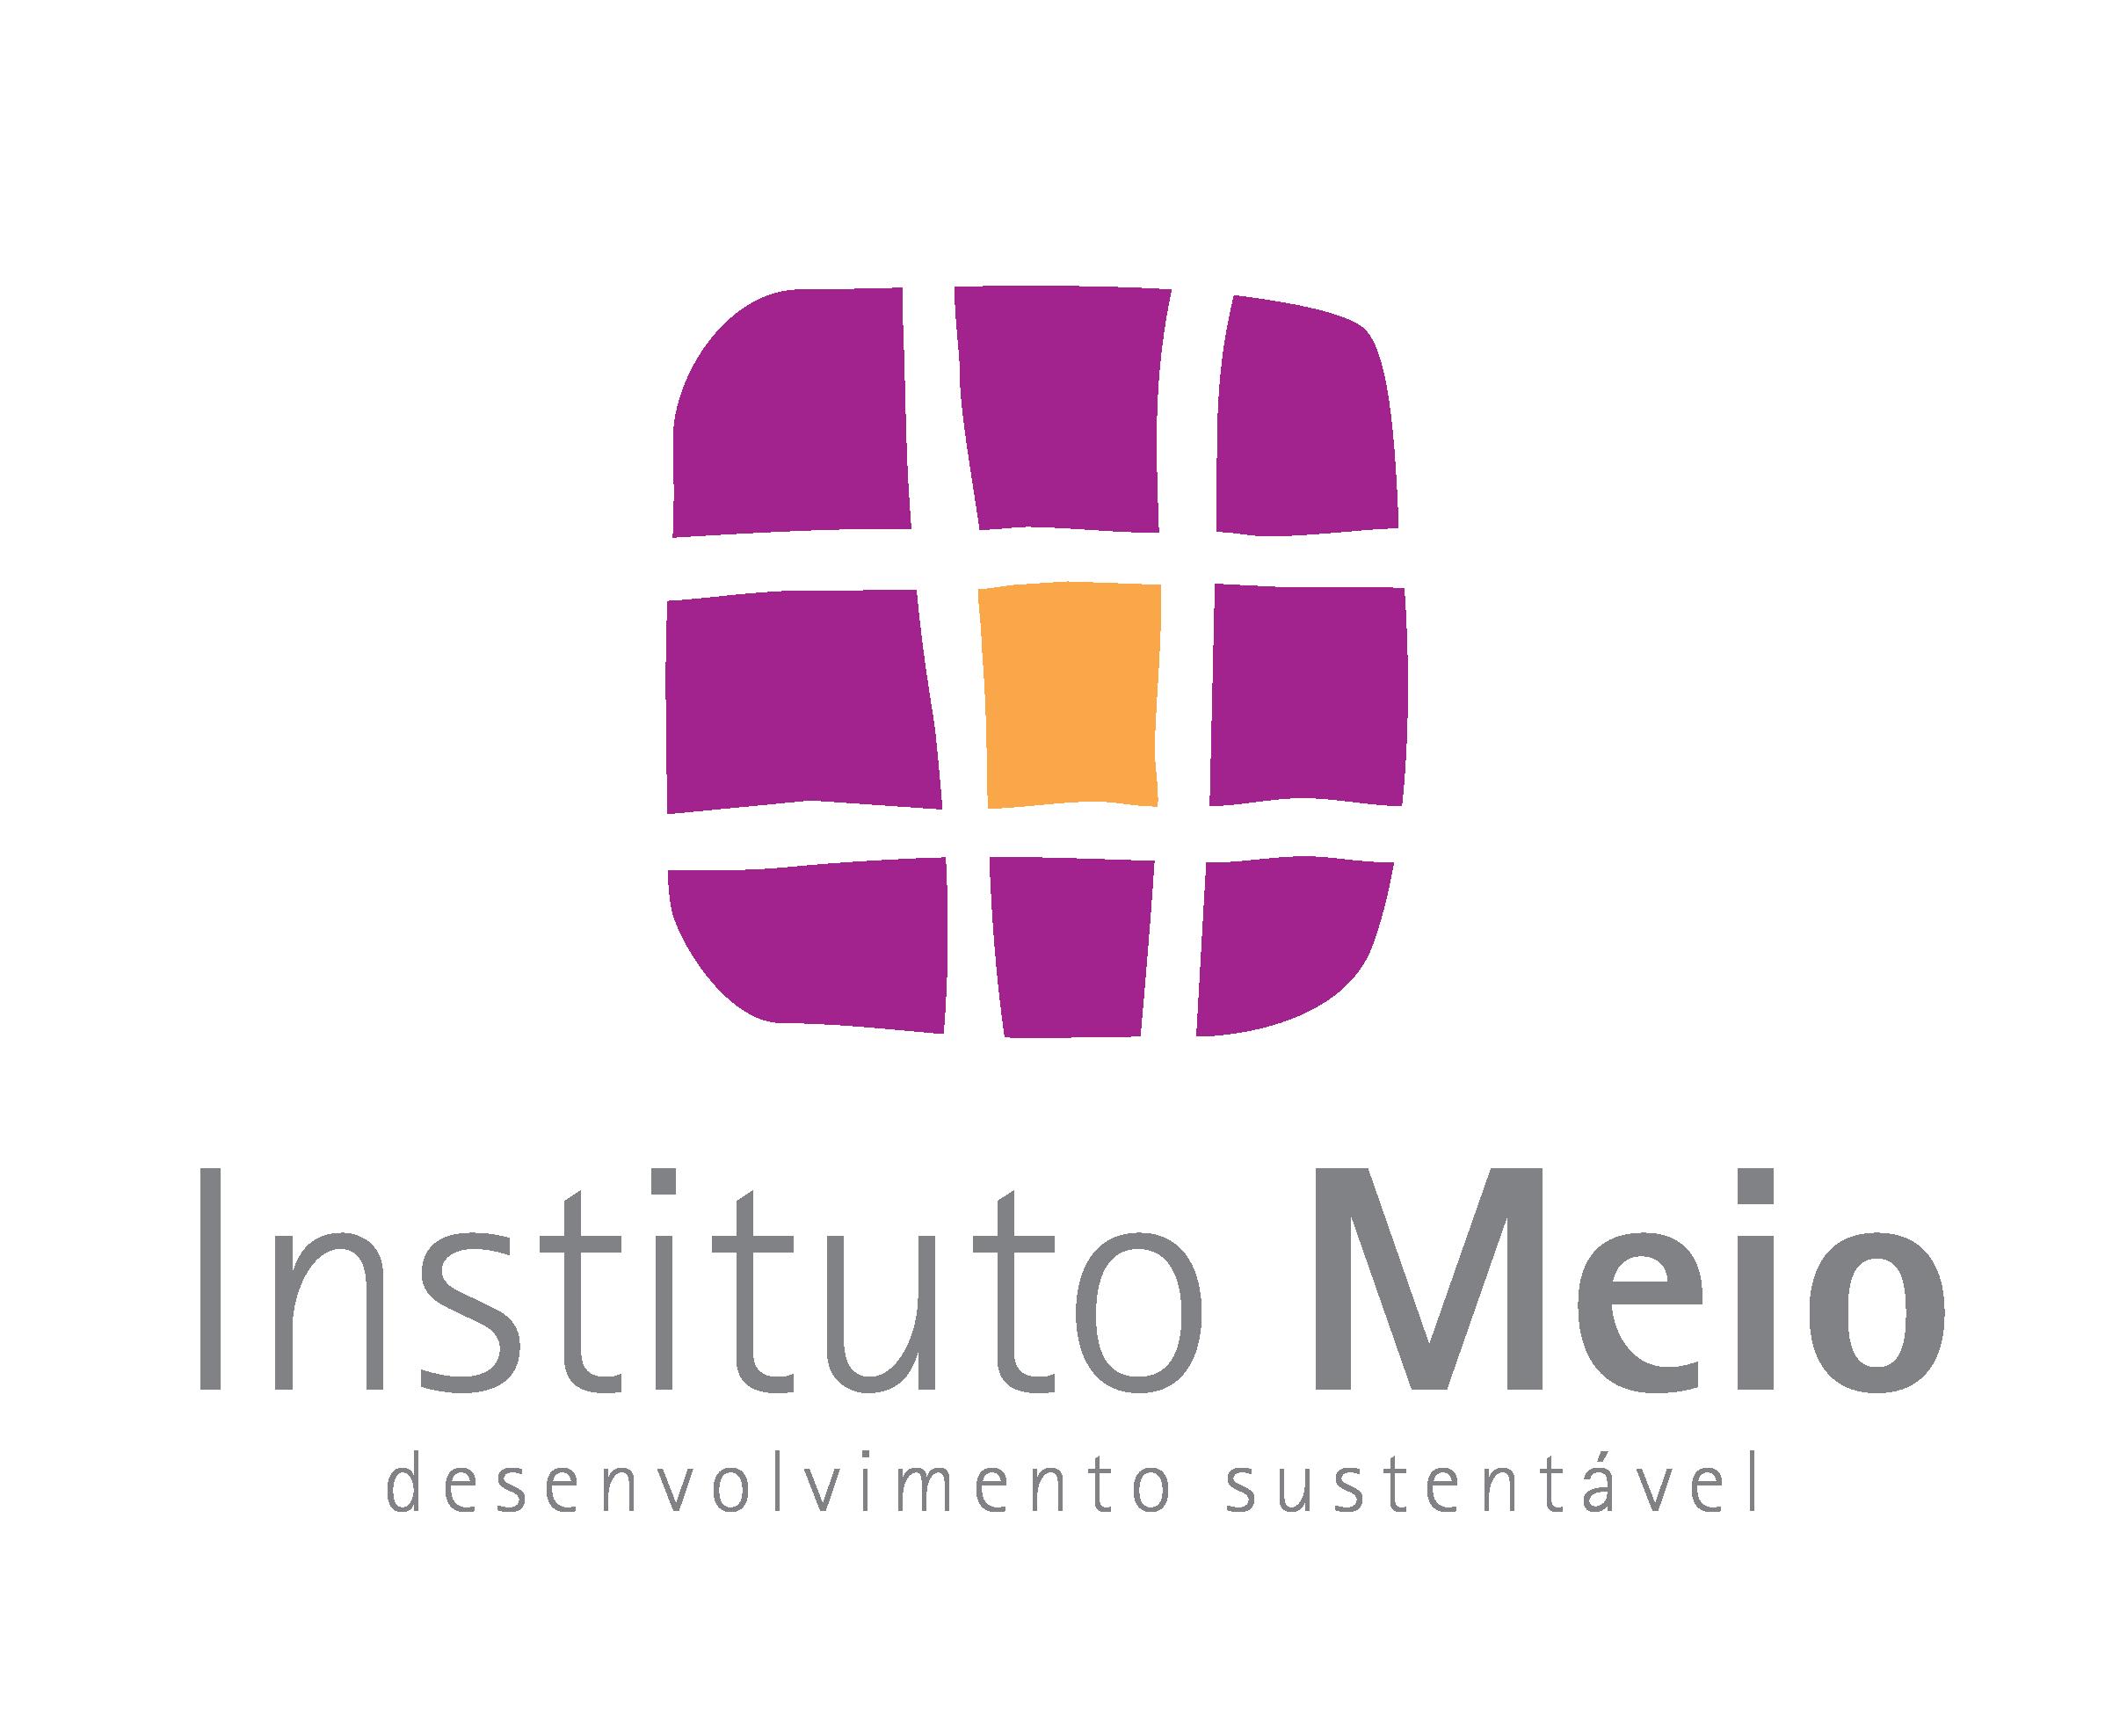 Instituto Meio